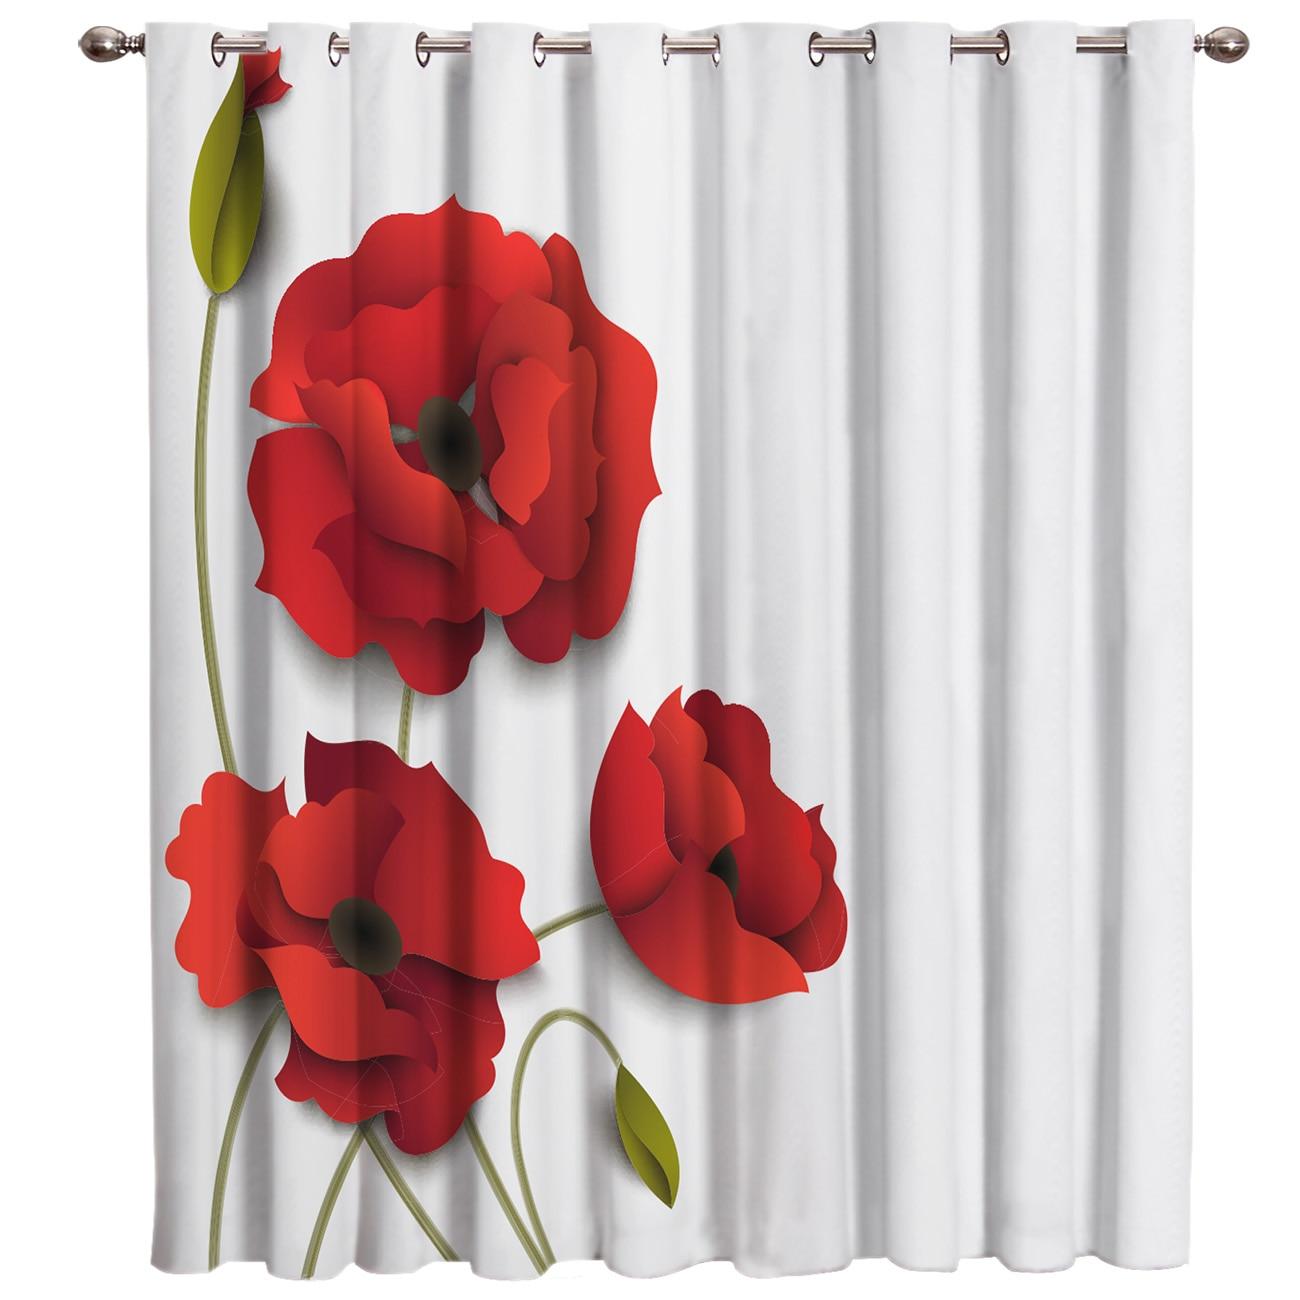 Red Poppy Flower Window Curtains Dark